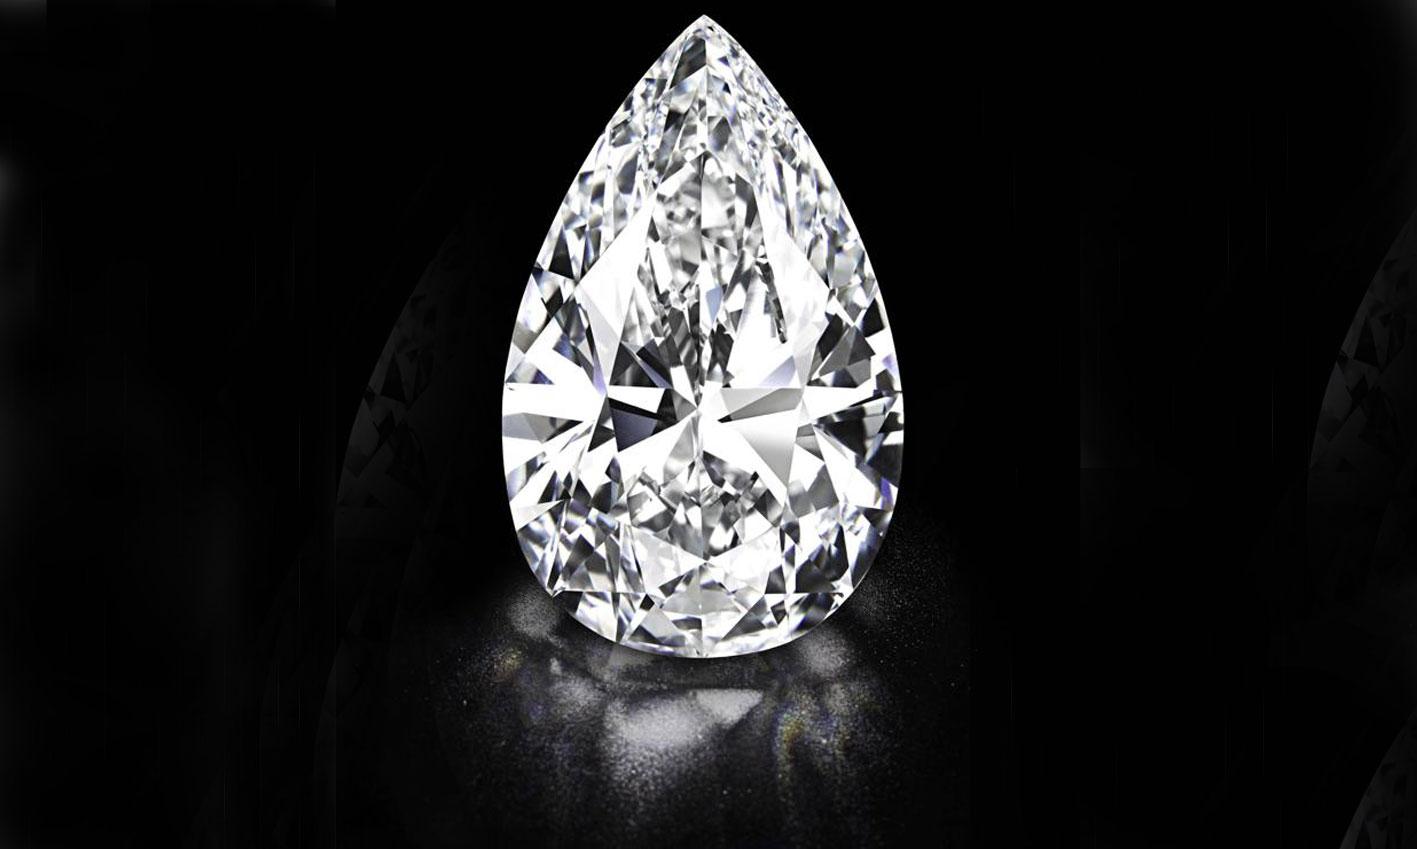 Il diamante venduto per 79,1 milioni di euro